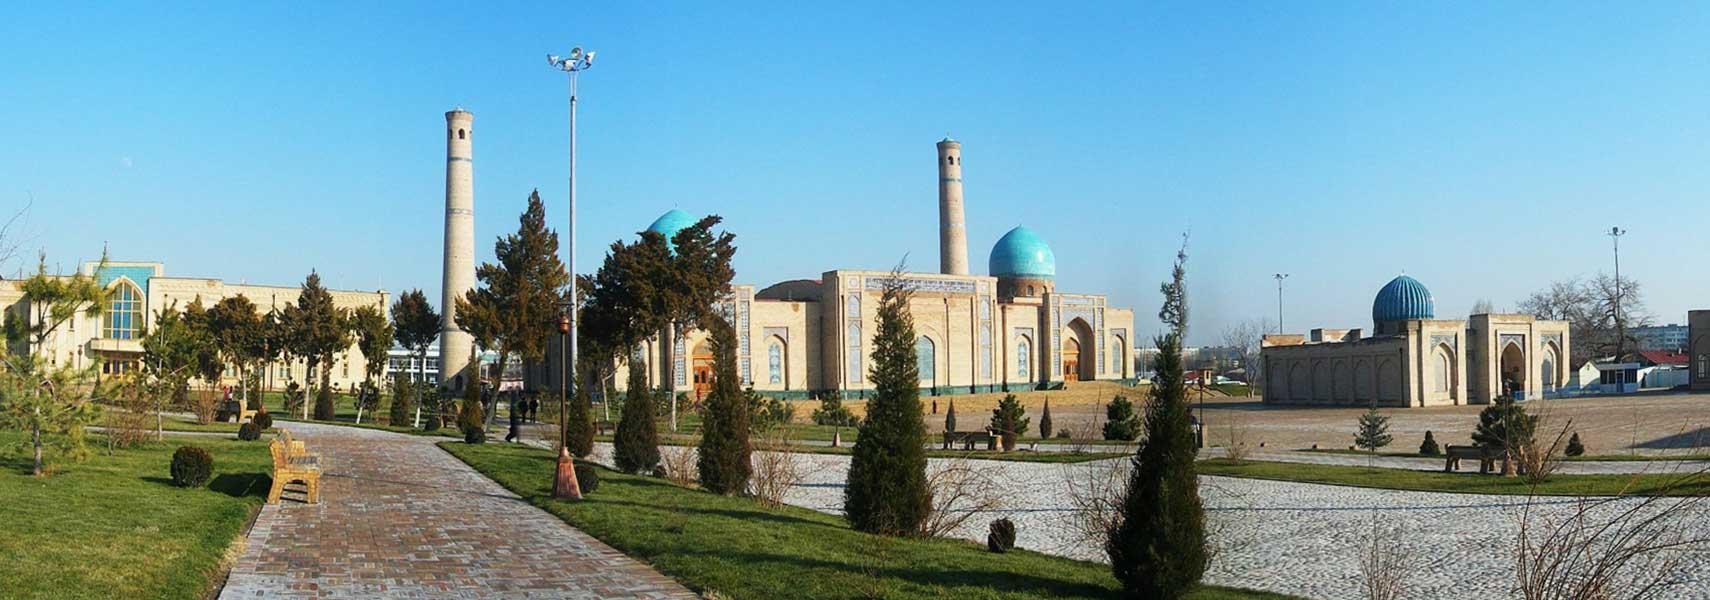 Where is Tashkent